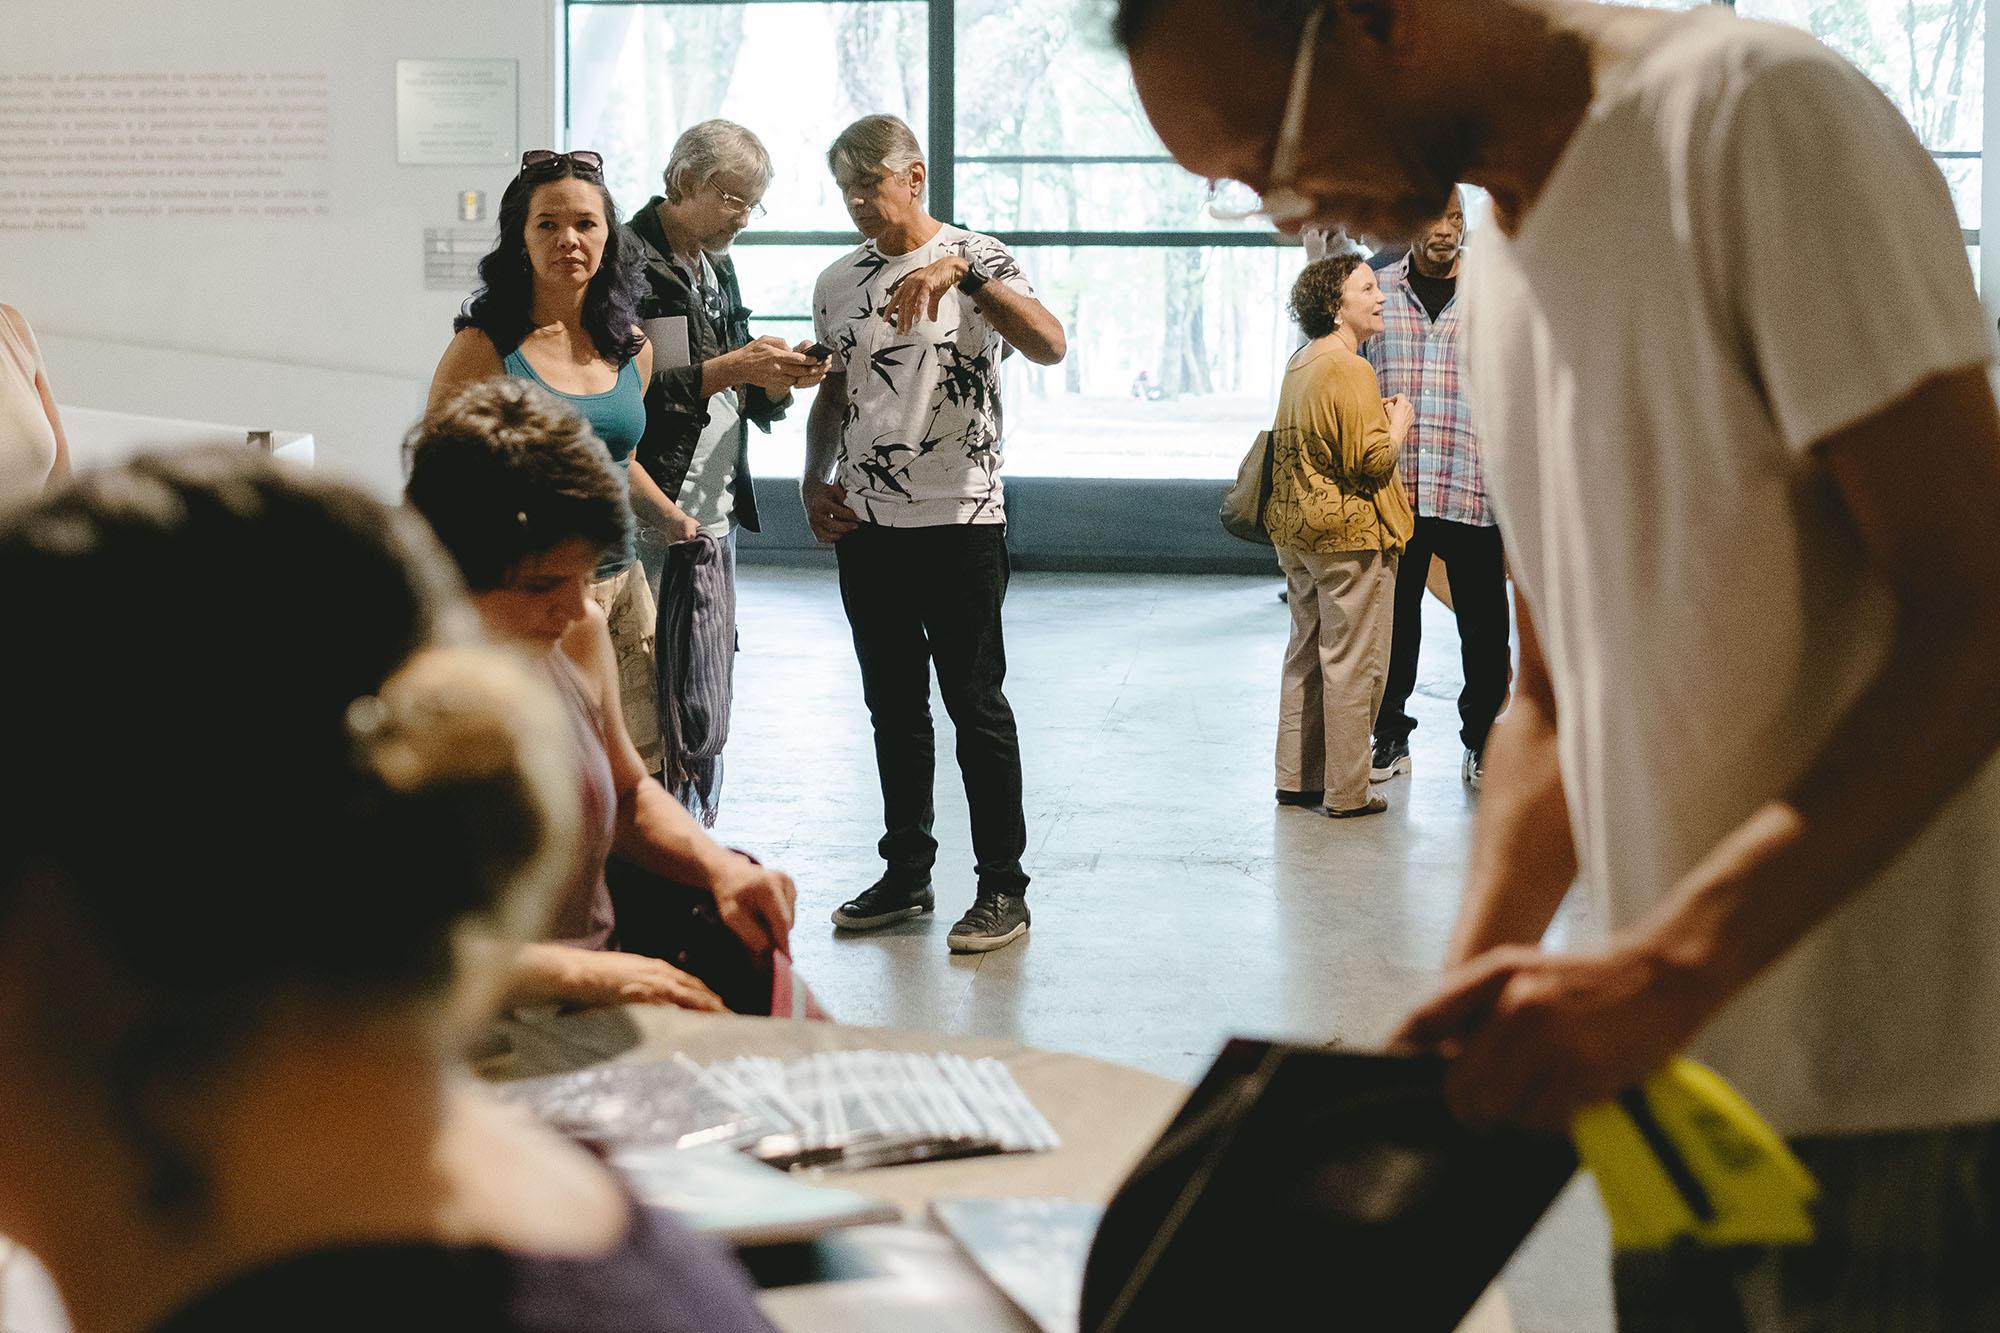 Visões-de-um-poema-sujo : exposição-lançamento-livro : Márcio Vasconcelos : Gustavo Semeghini : Blog -035.jpg